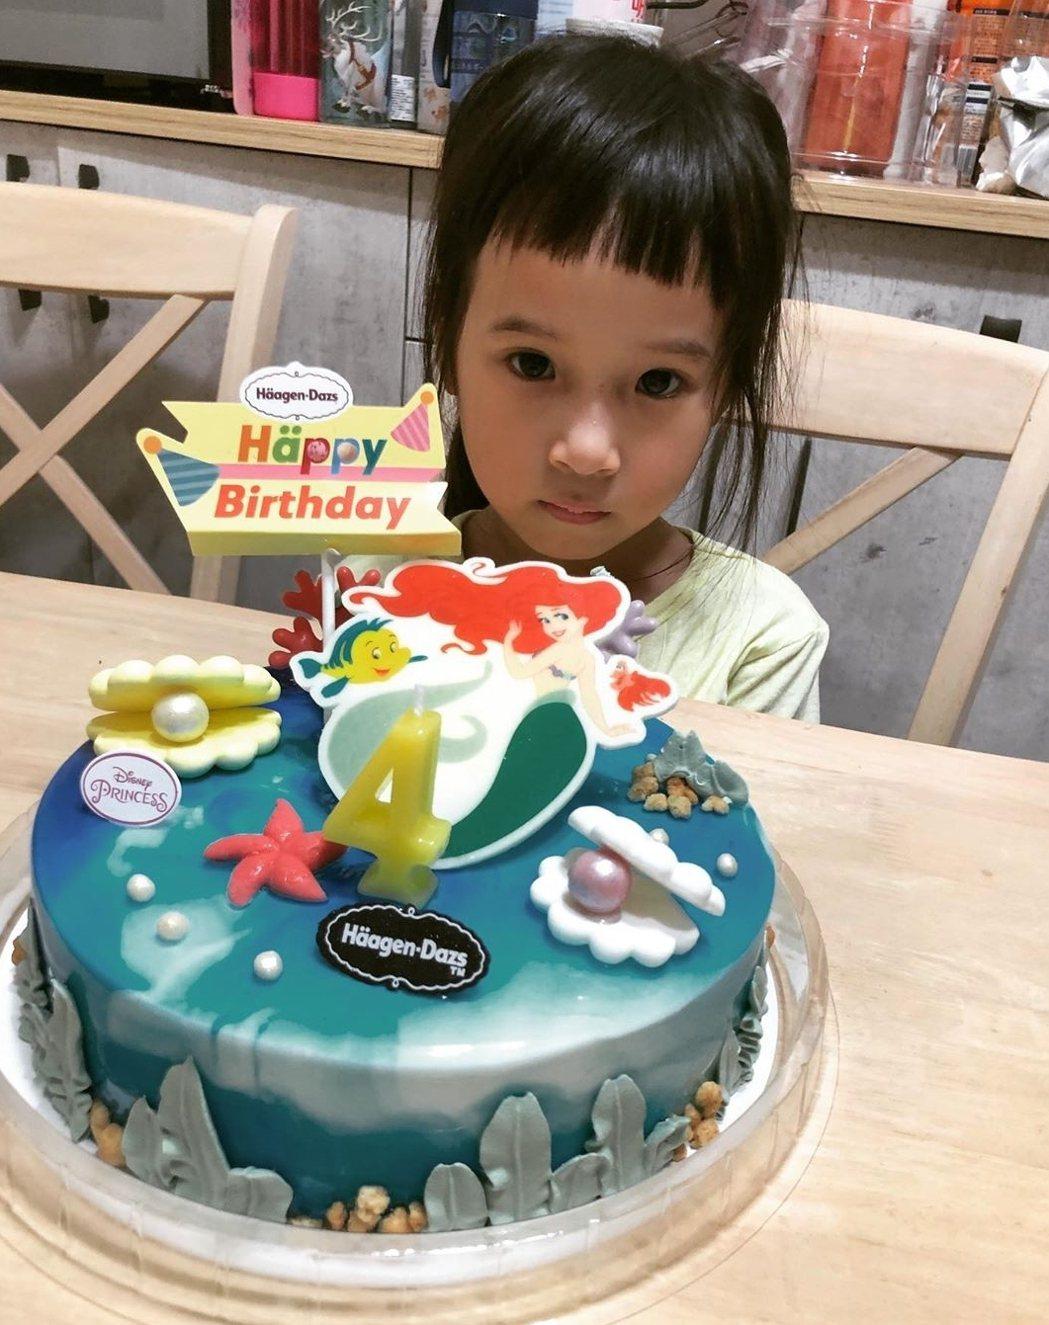 Mia生日蛋糕也是公主風。圖/截圖自IG